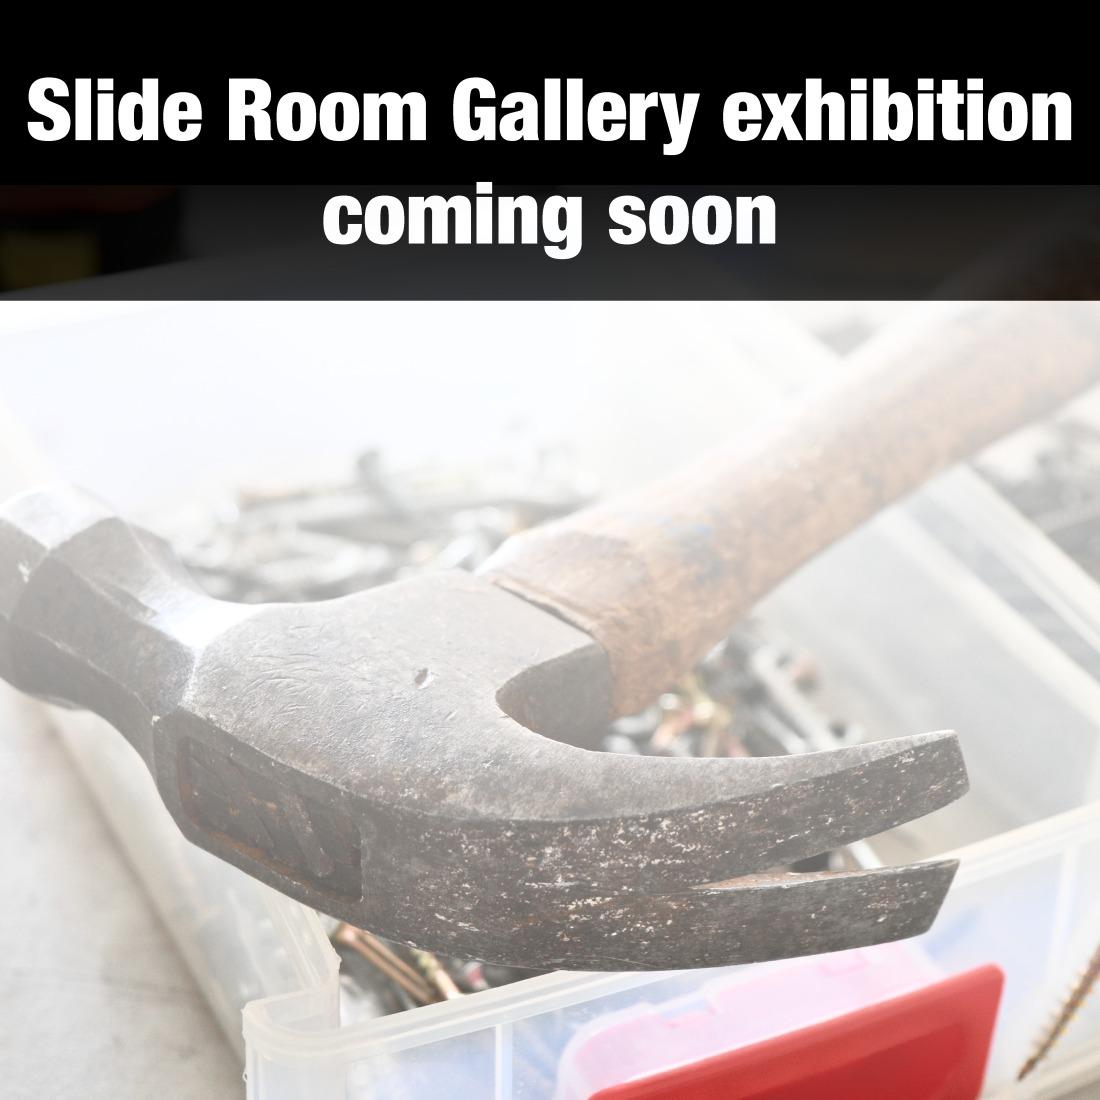 slideroom2020.jpg